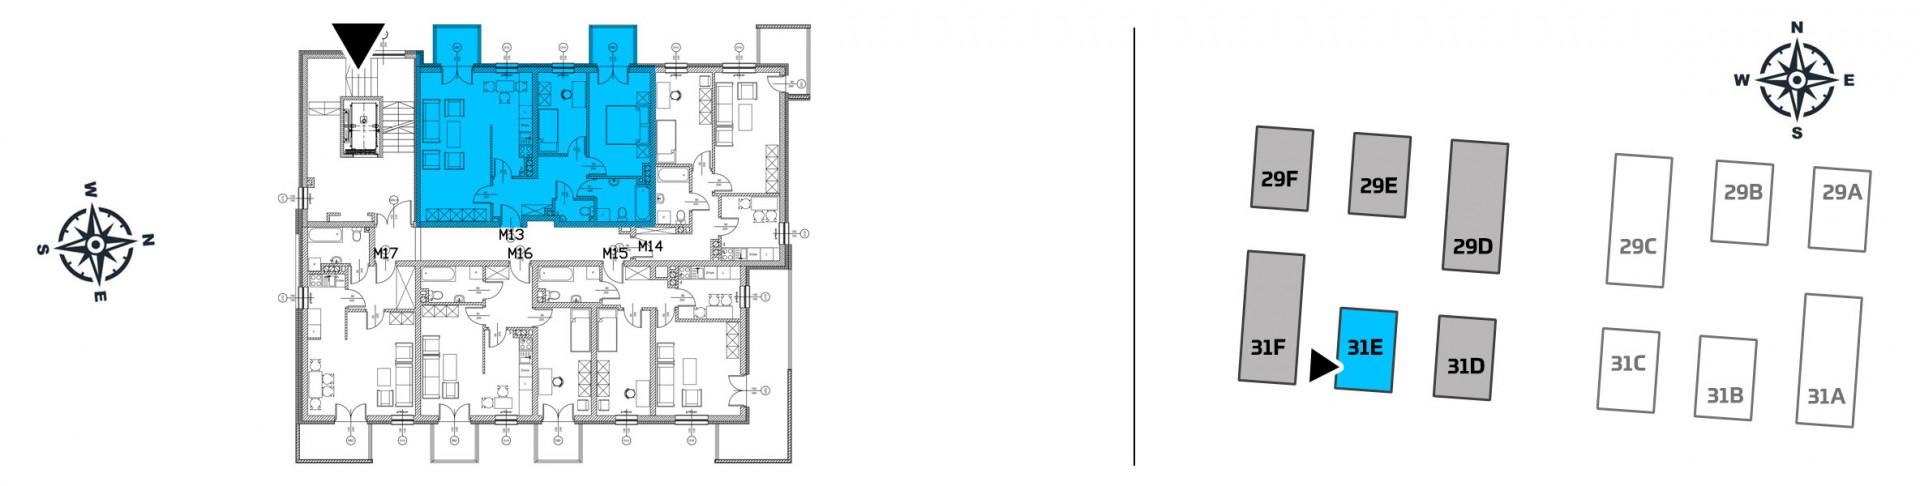 Mieszkanie trzypokojowe 31E/13 rzut 2